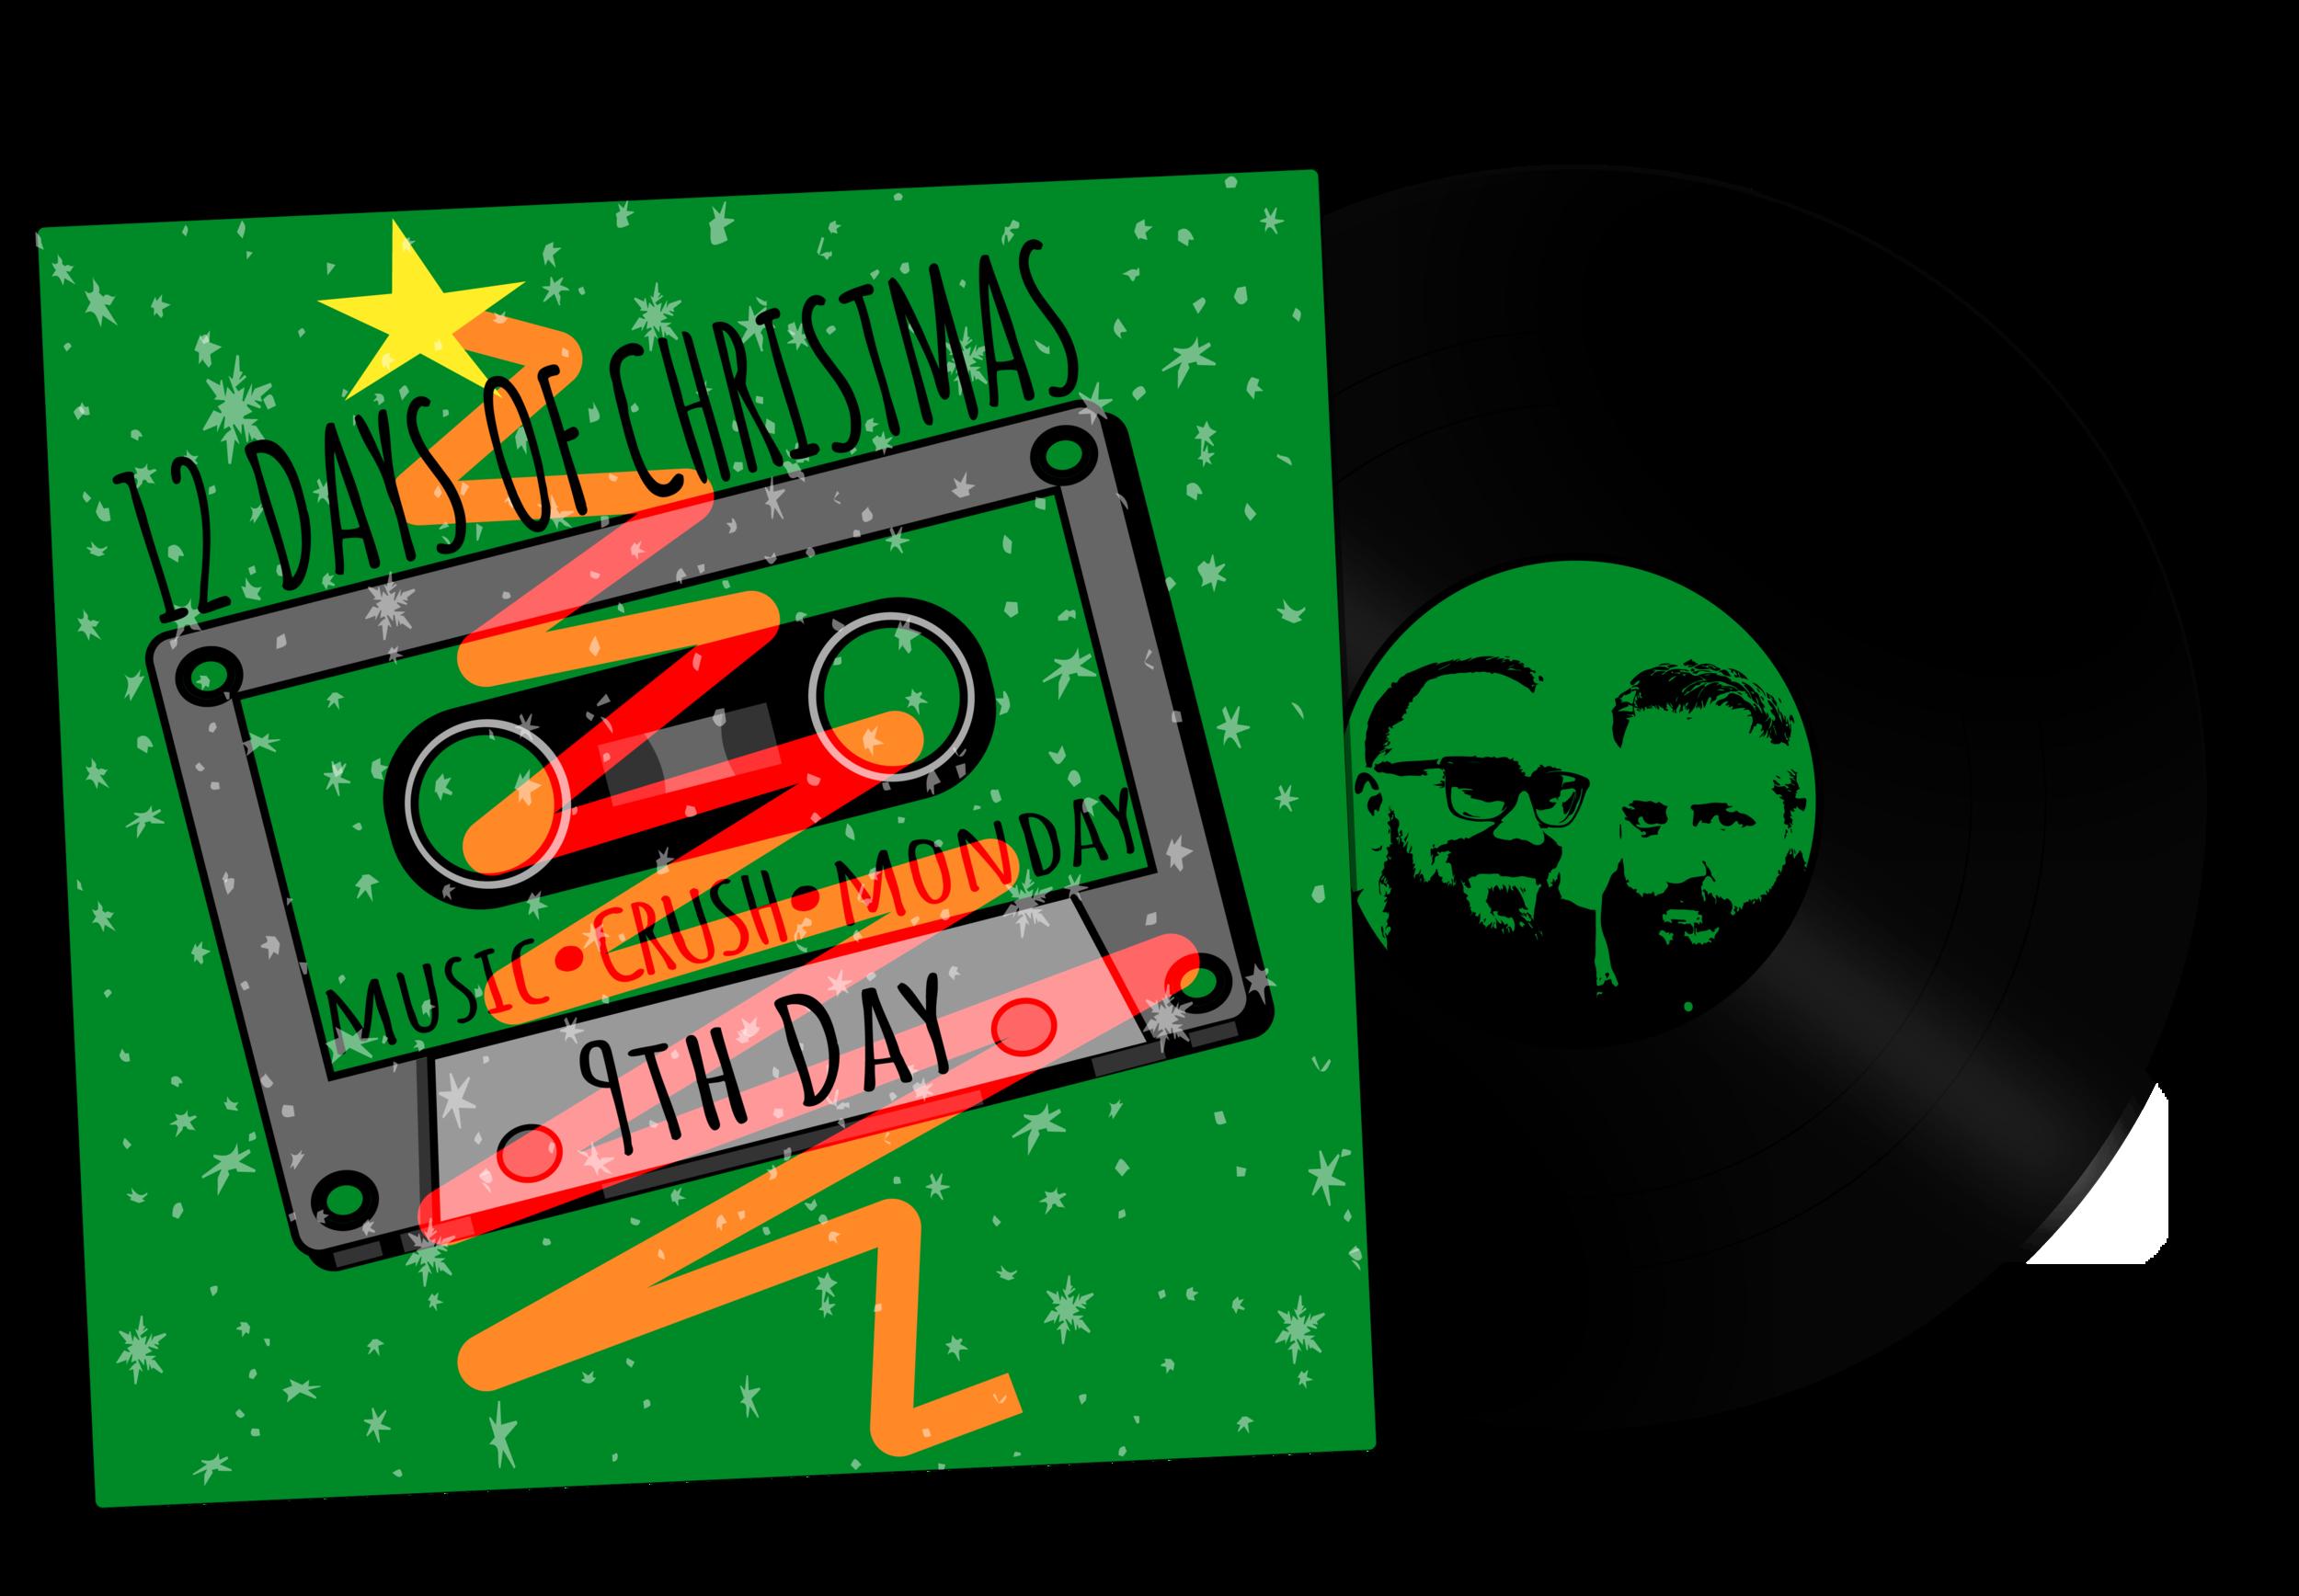 Ninth Day Of Christmas.039 9 Ninth Day Of Christmas 12 Days Of Christmas Music